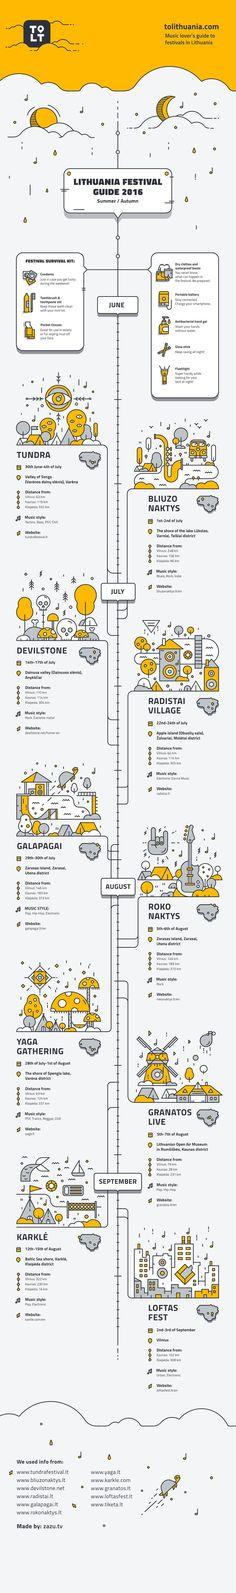 Lithuania Festival Guide on Behance: